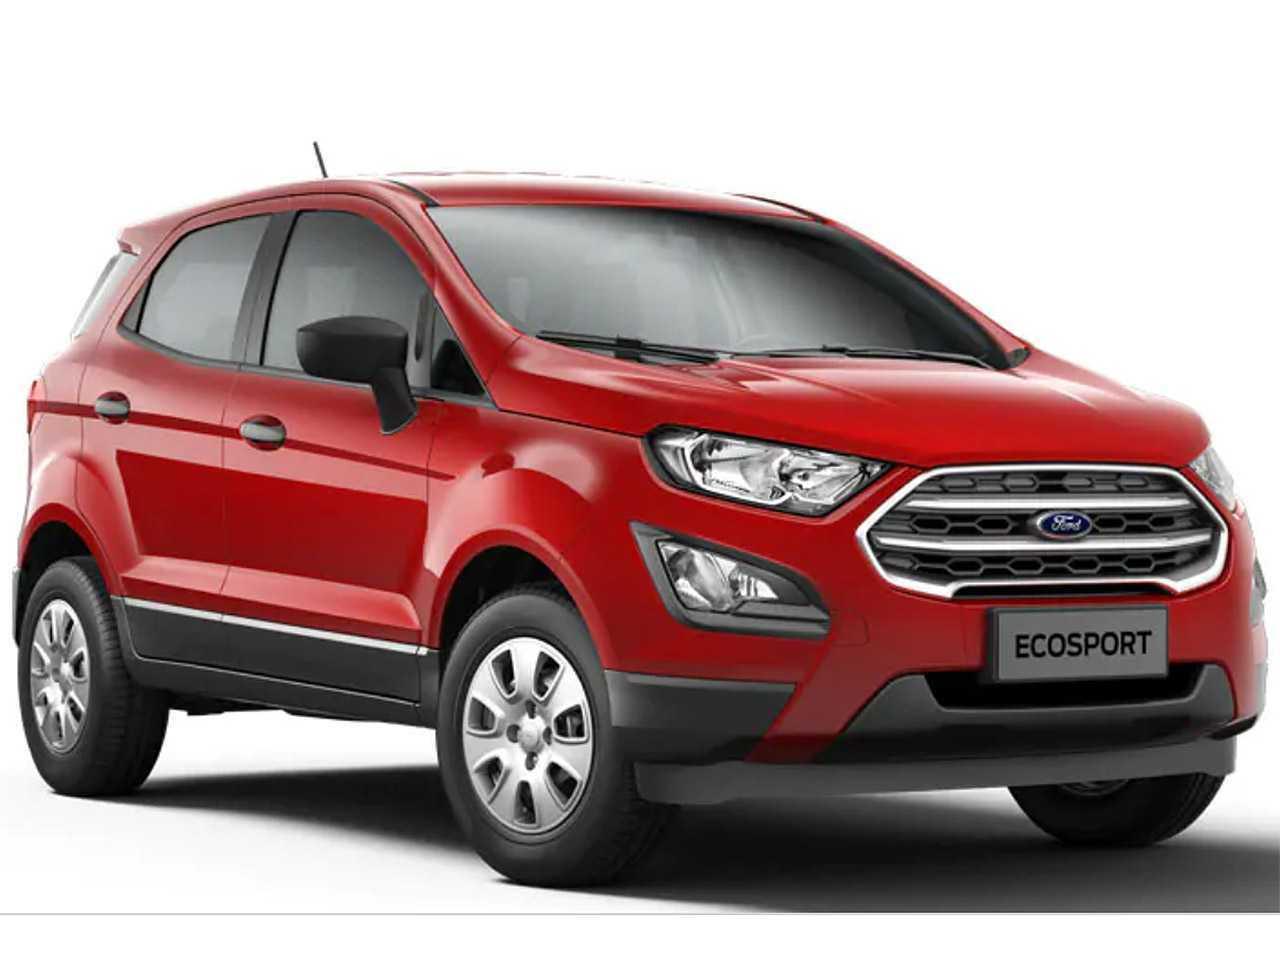 Acima o Ford EcoSport no catálogo SE Direct 1.5 automático que atendia o público PcD